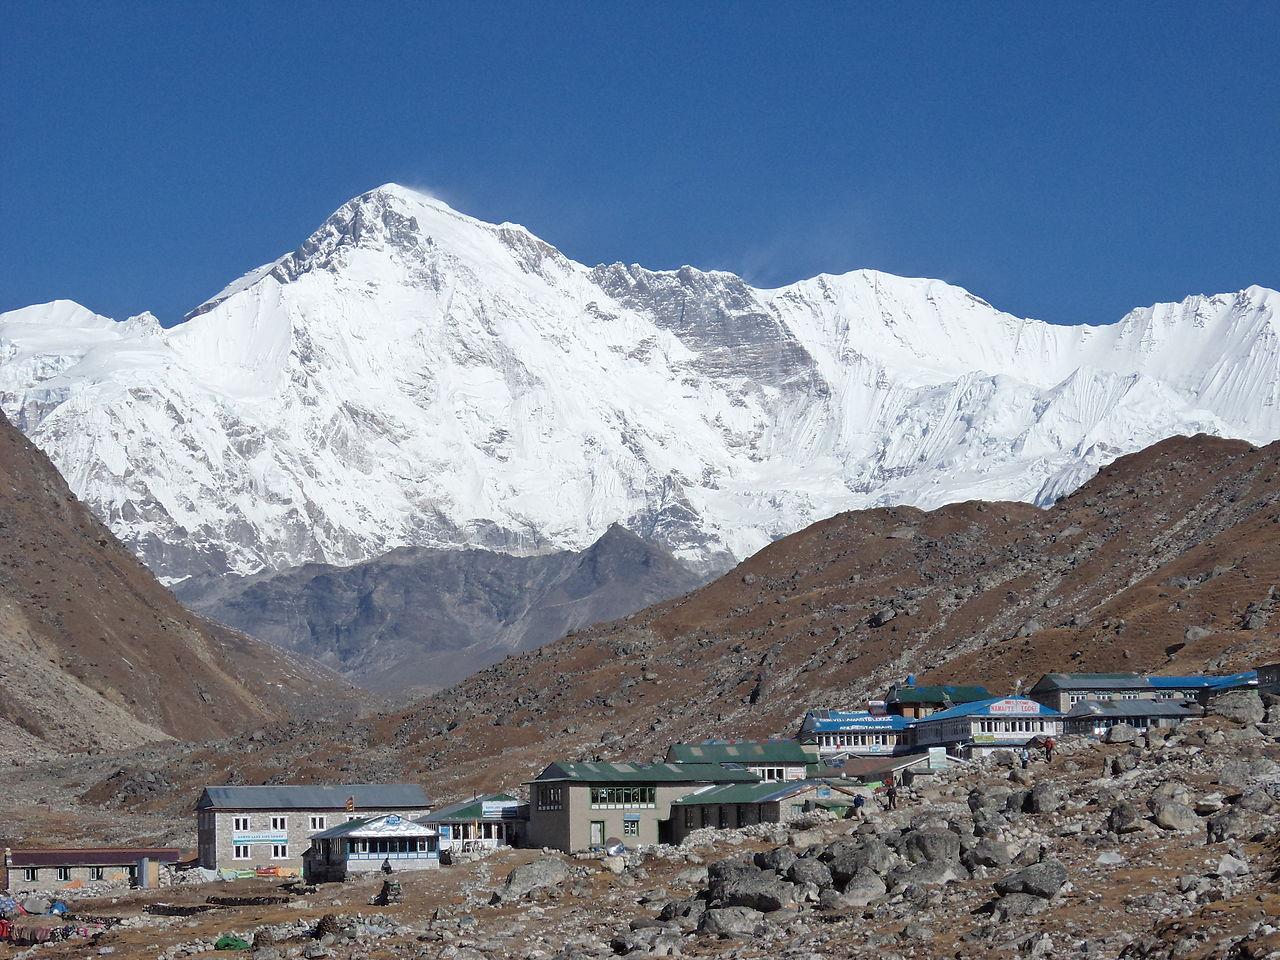 Гора Эверест: координаты и фото, что посмотреть и где находится Гора Эверест